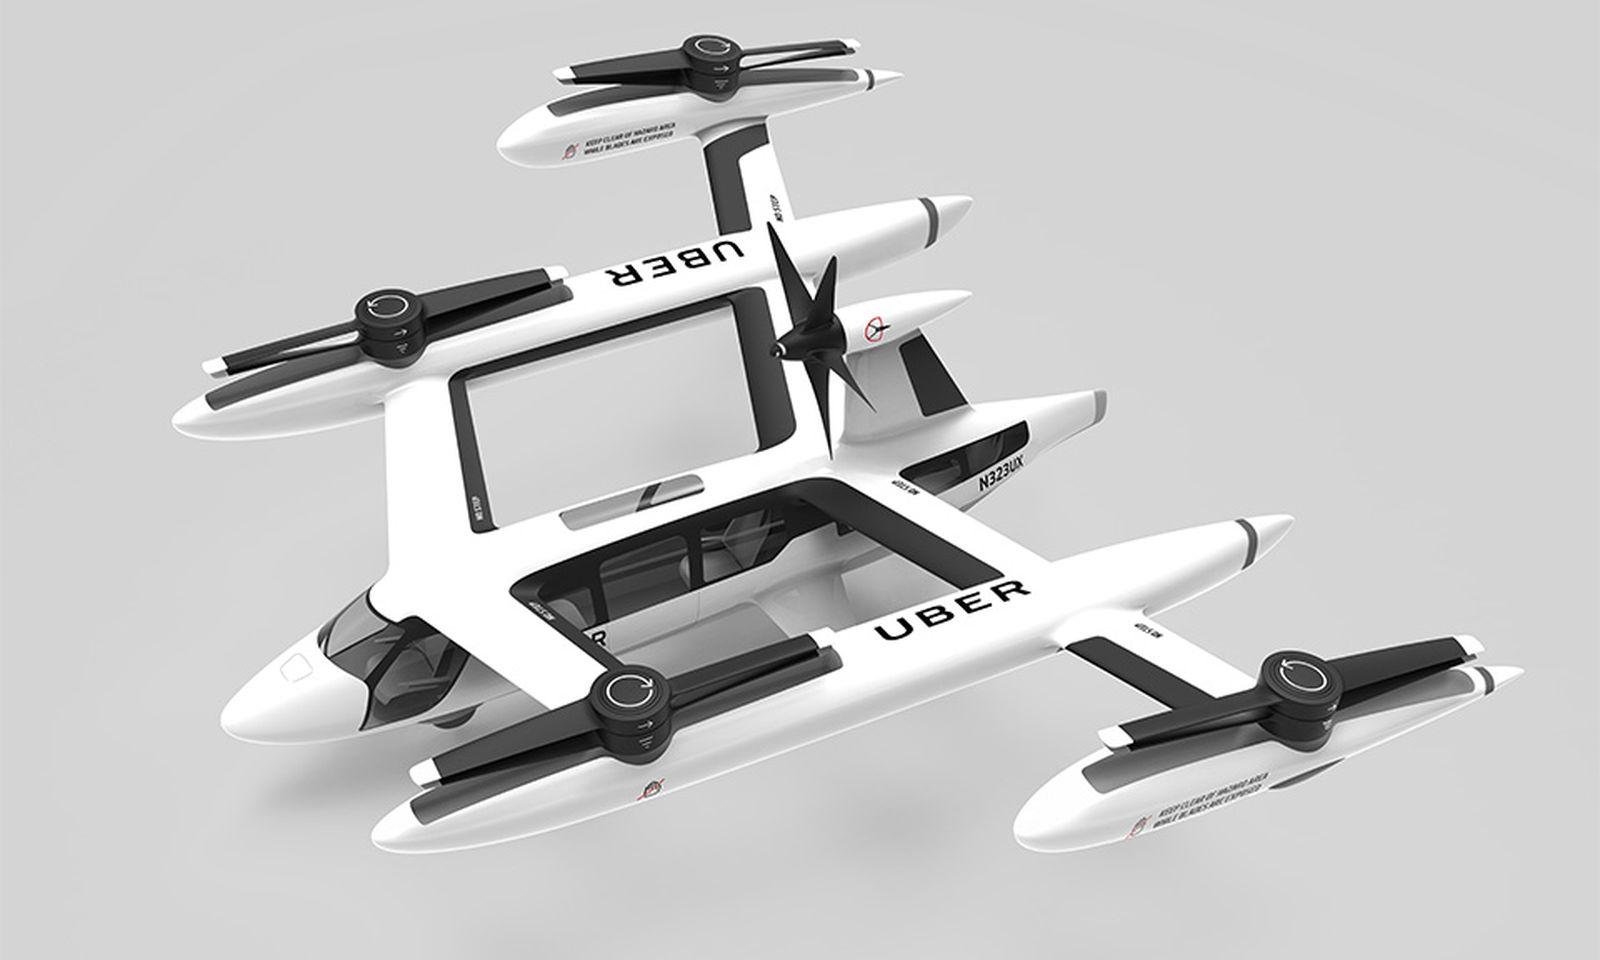 uber-flying-car-prototype-00